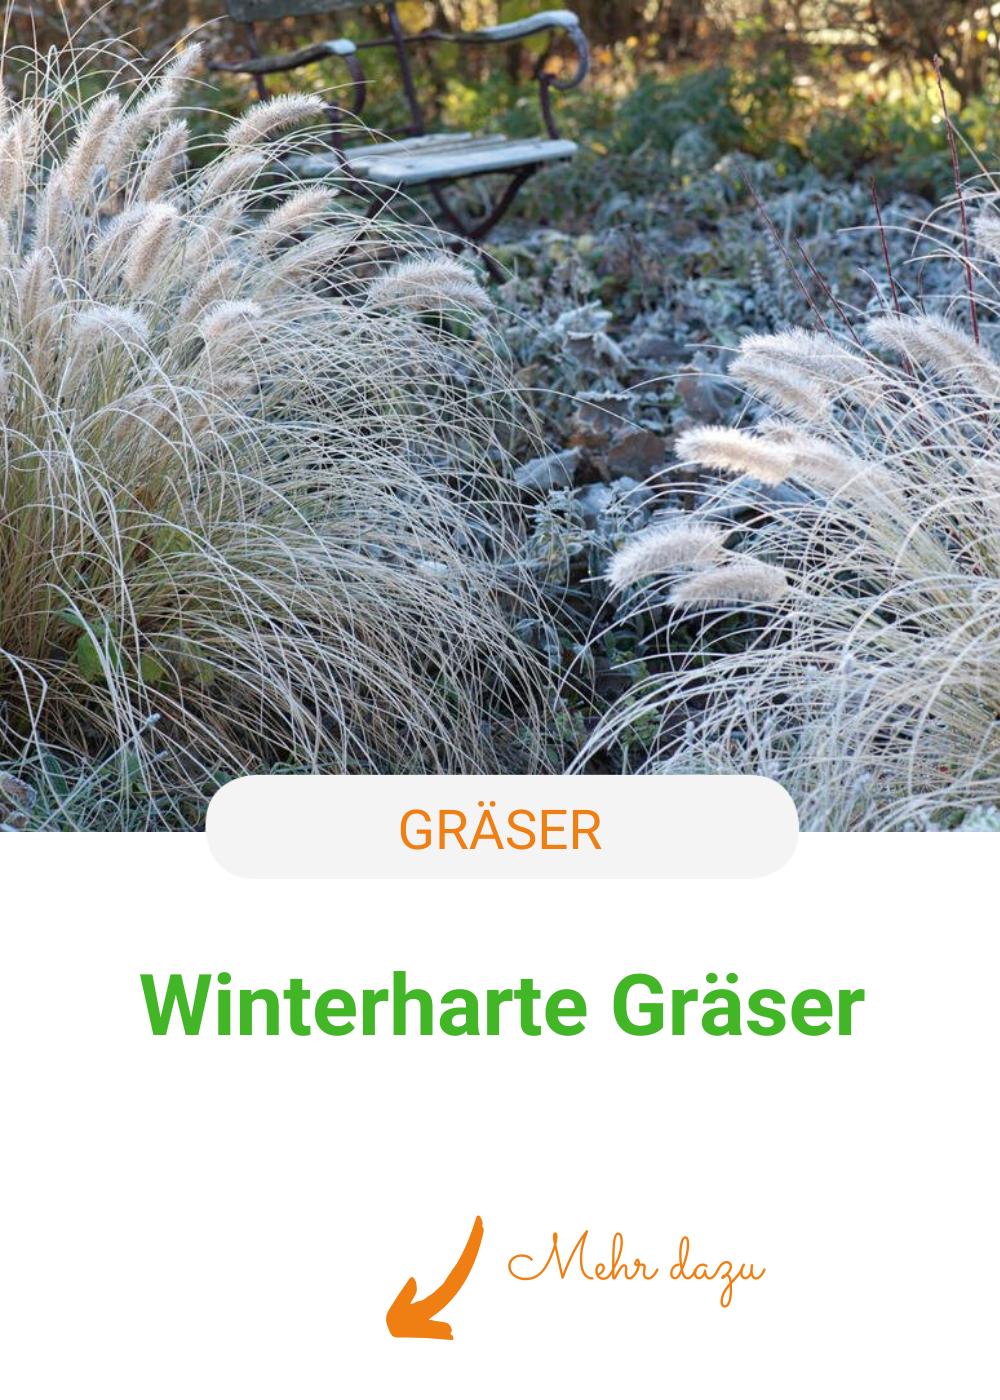 Winterharte Graser Die Besten Arten In 2020 Winterharte Graser Winterhart Ziergras Winterhart